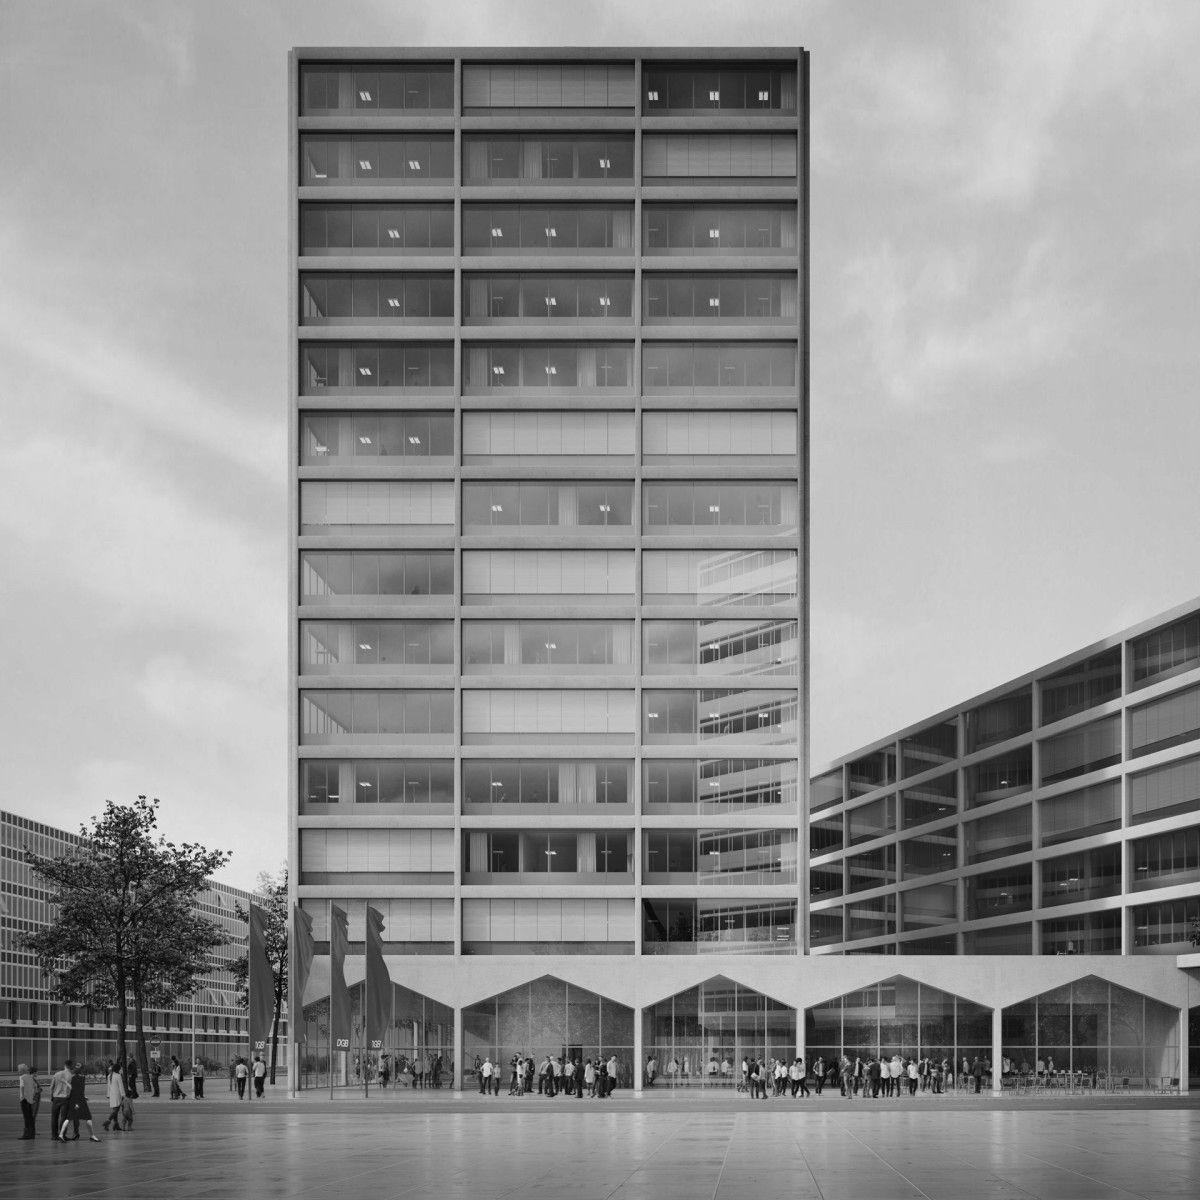 E2a Dgb Bundesvorstand Berlin 1 Hochhaus Highrise